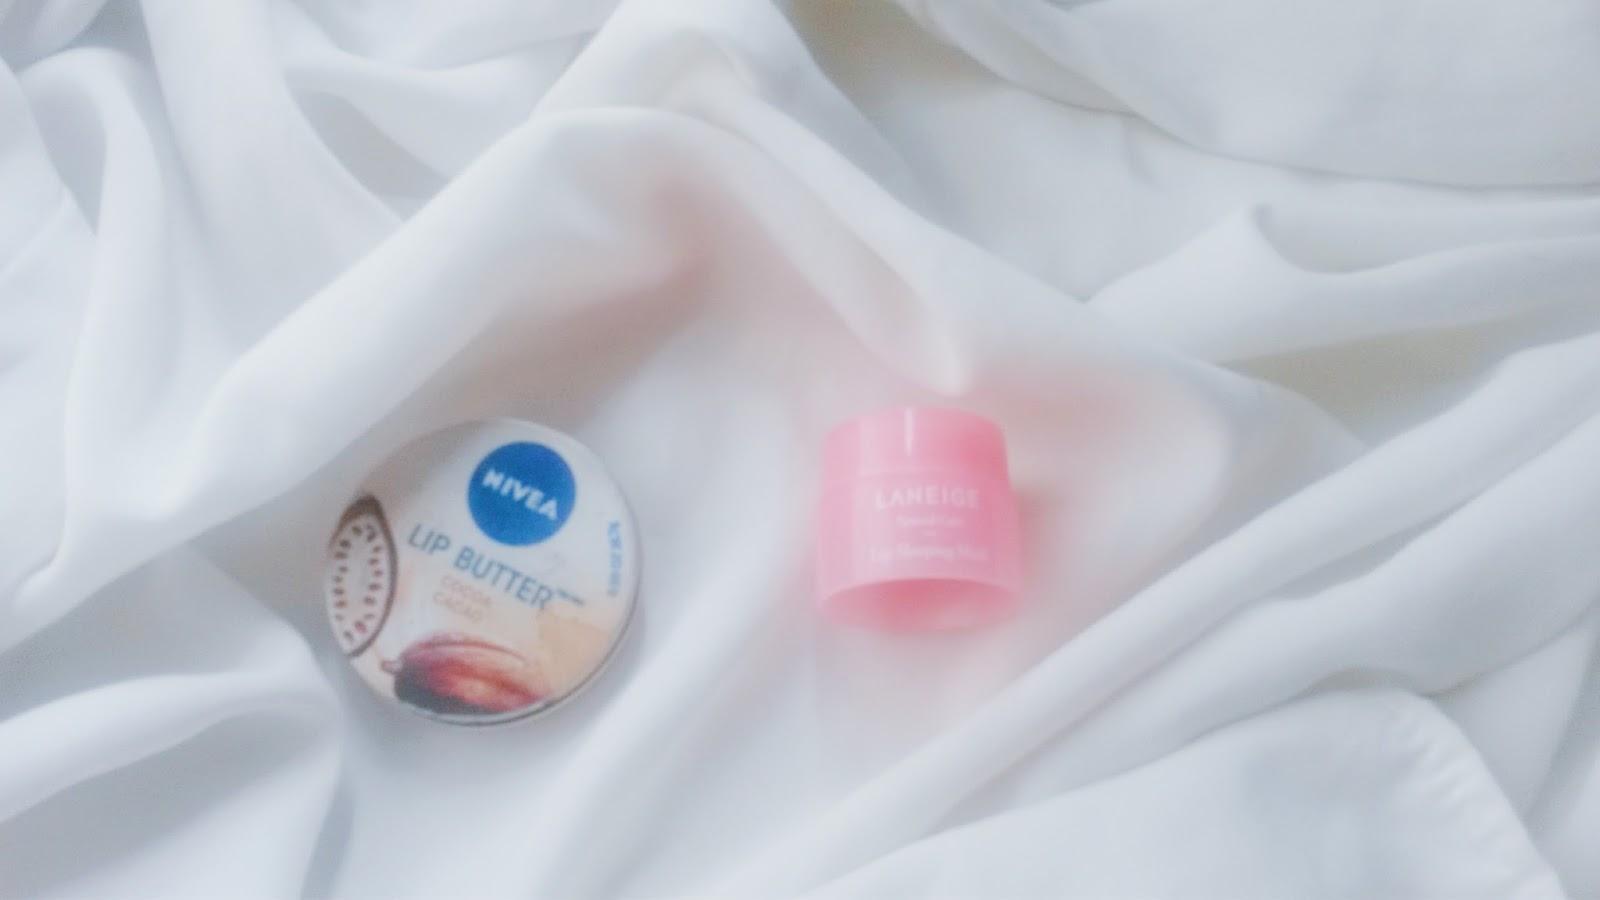 Review Laneige Lip Sleeping Mask Fleur And Fabula Travel Size Yang Saya Punya Ukuran Trial Sizenya Dibeliin Sama Salah Satu Teman Pas Lagi Ada Promo Banting Harga Gitu Harganya Jadi 14 Ribu